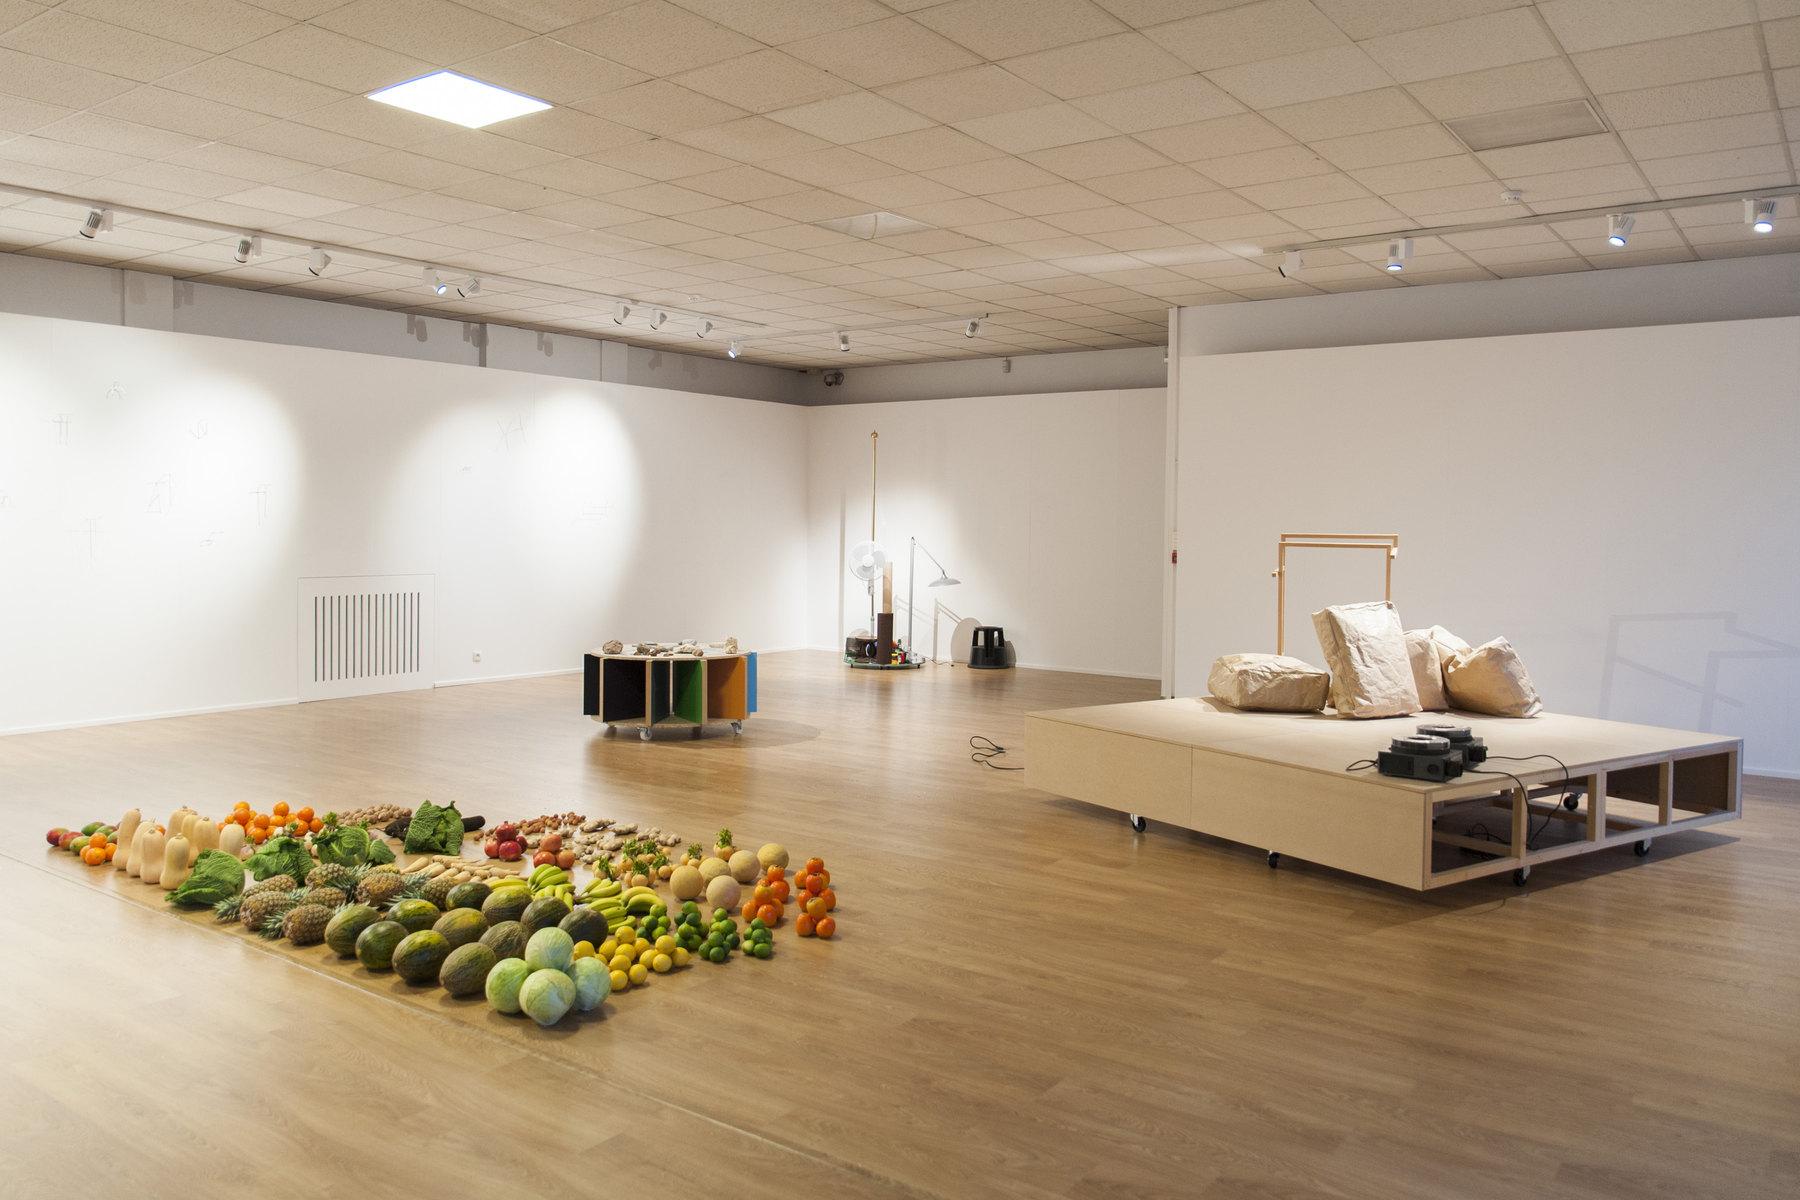 Raffaella Crispino- Hans Demeulenaere, installation view 3